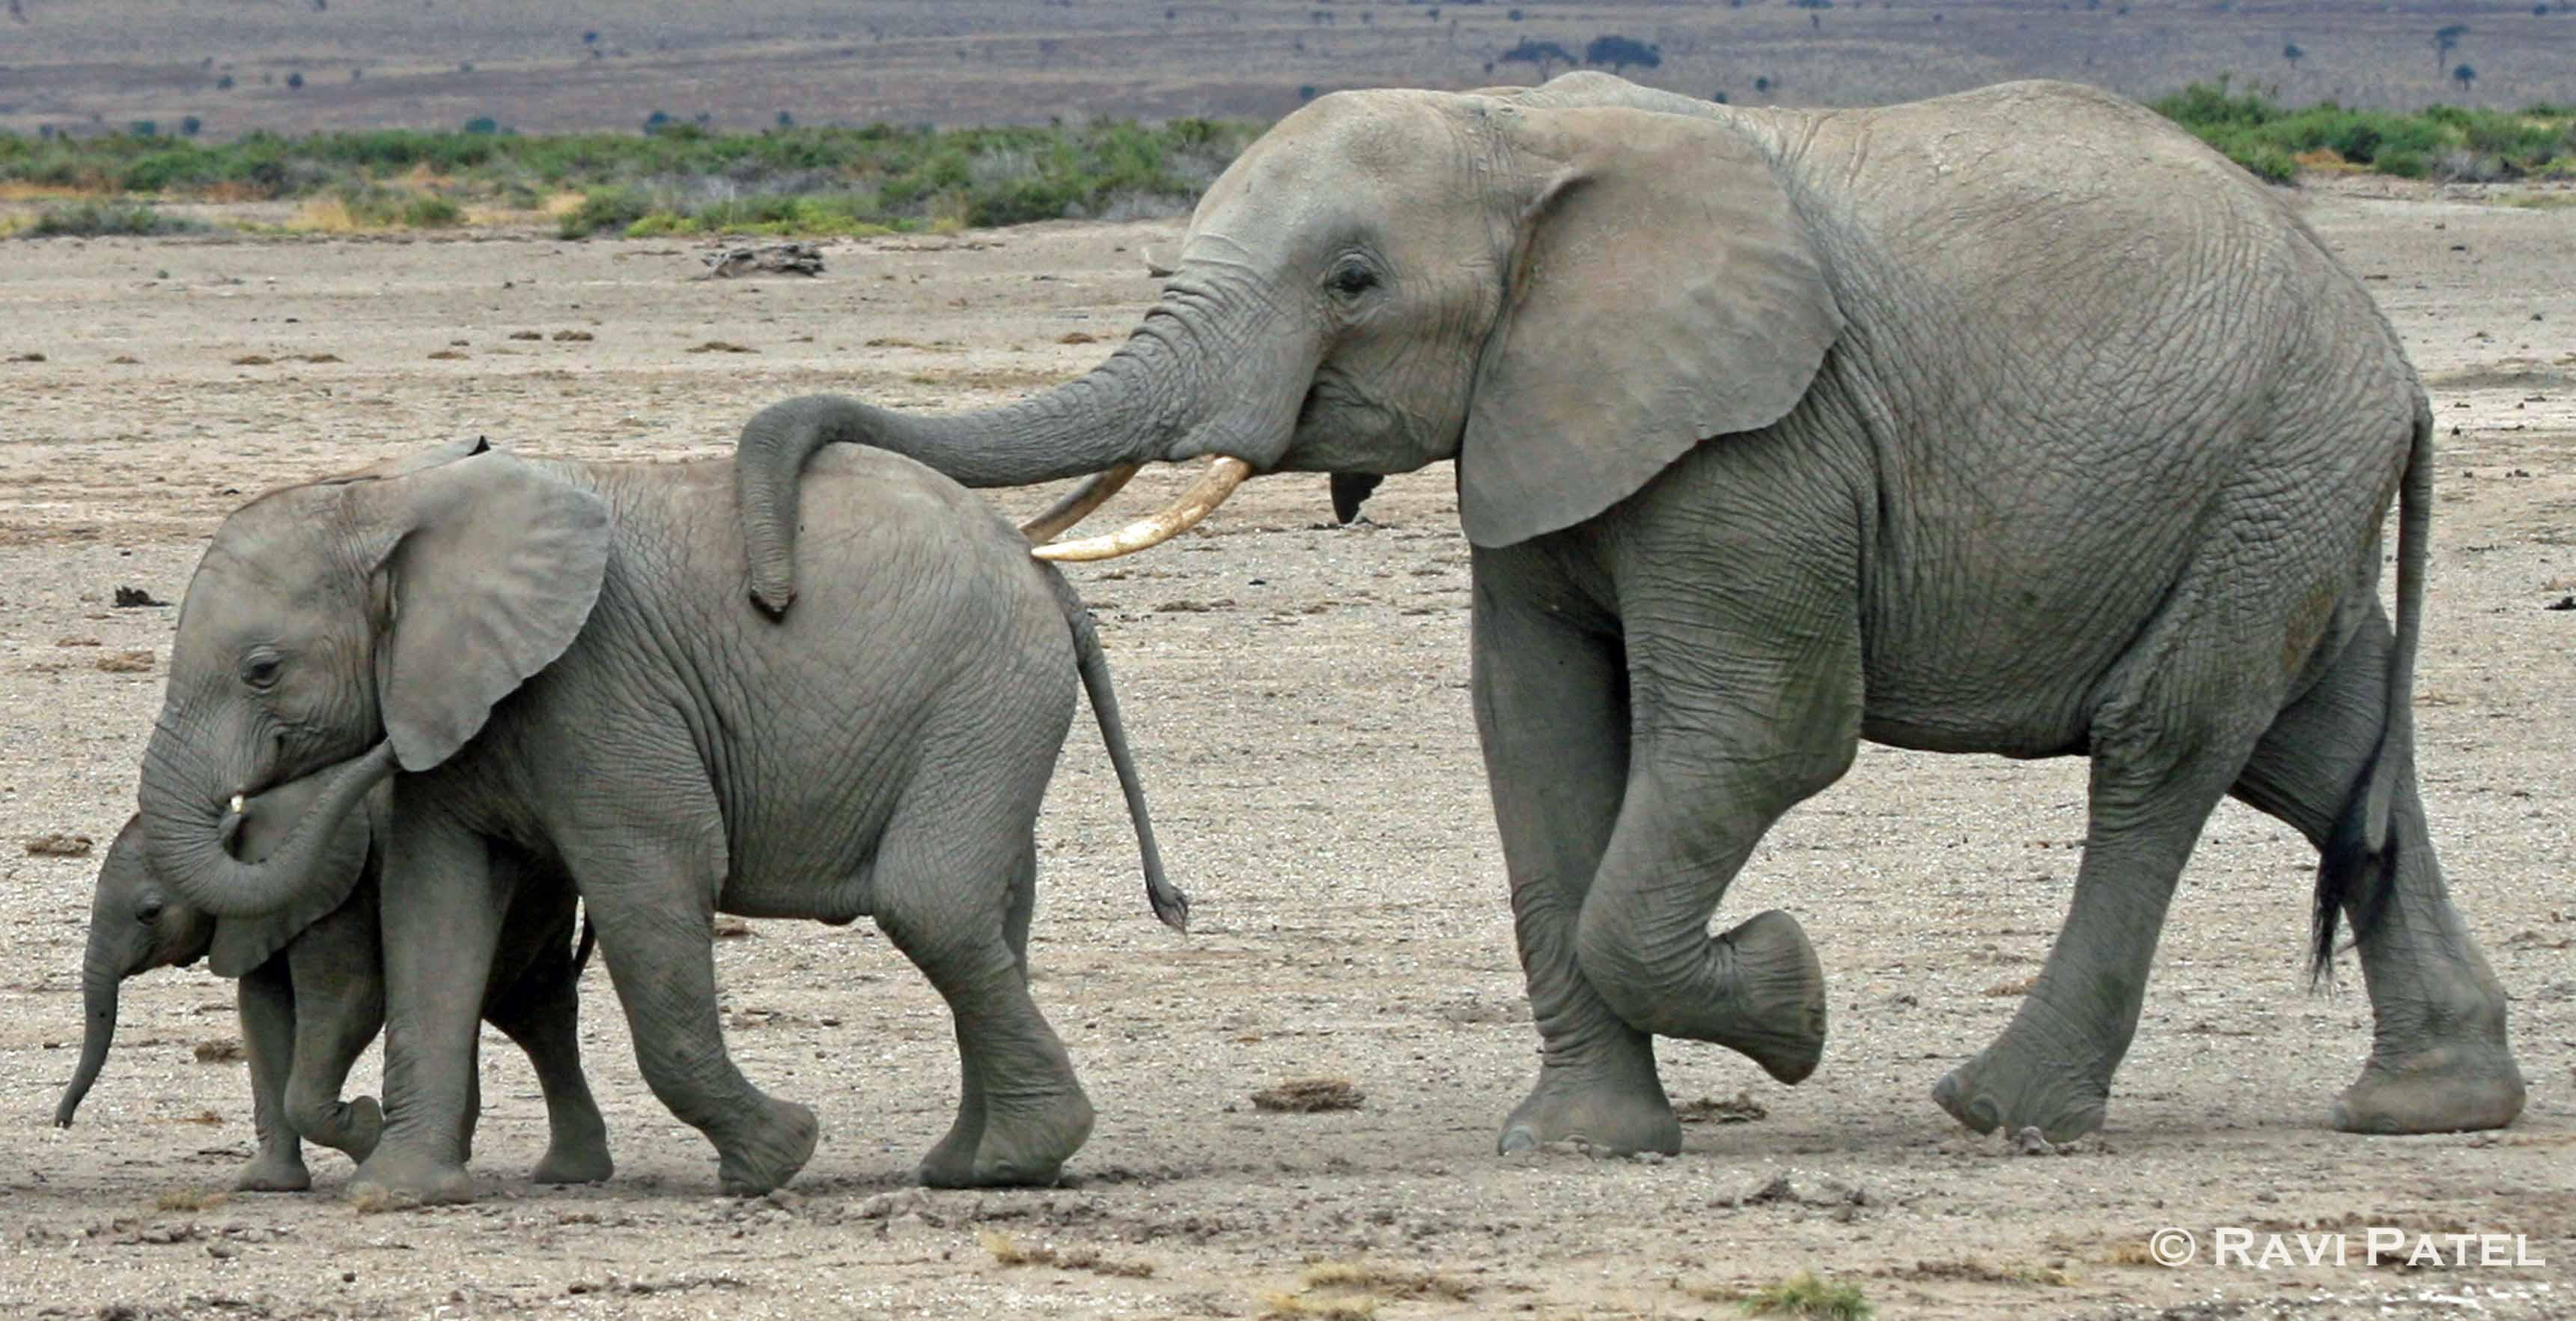 How big is a elephants dick